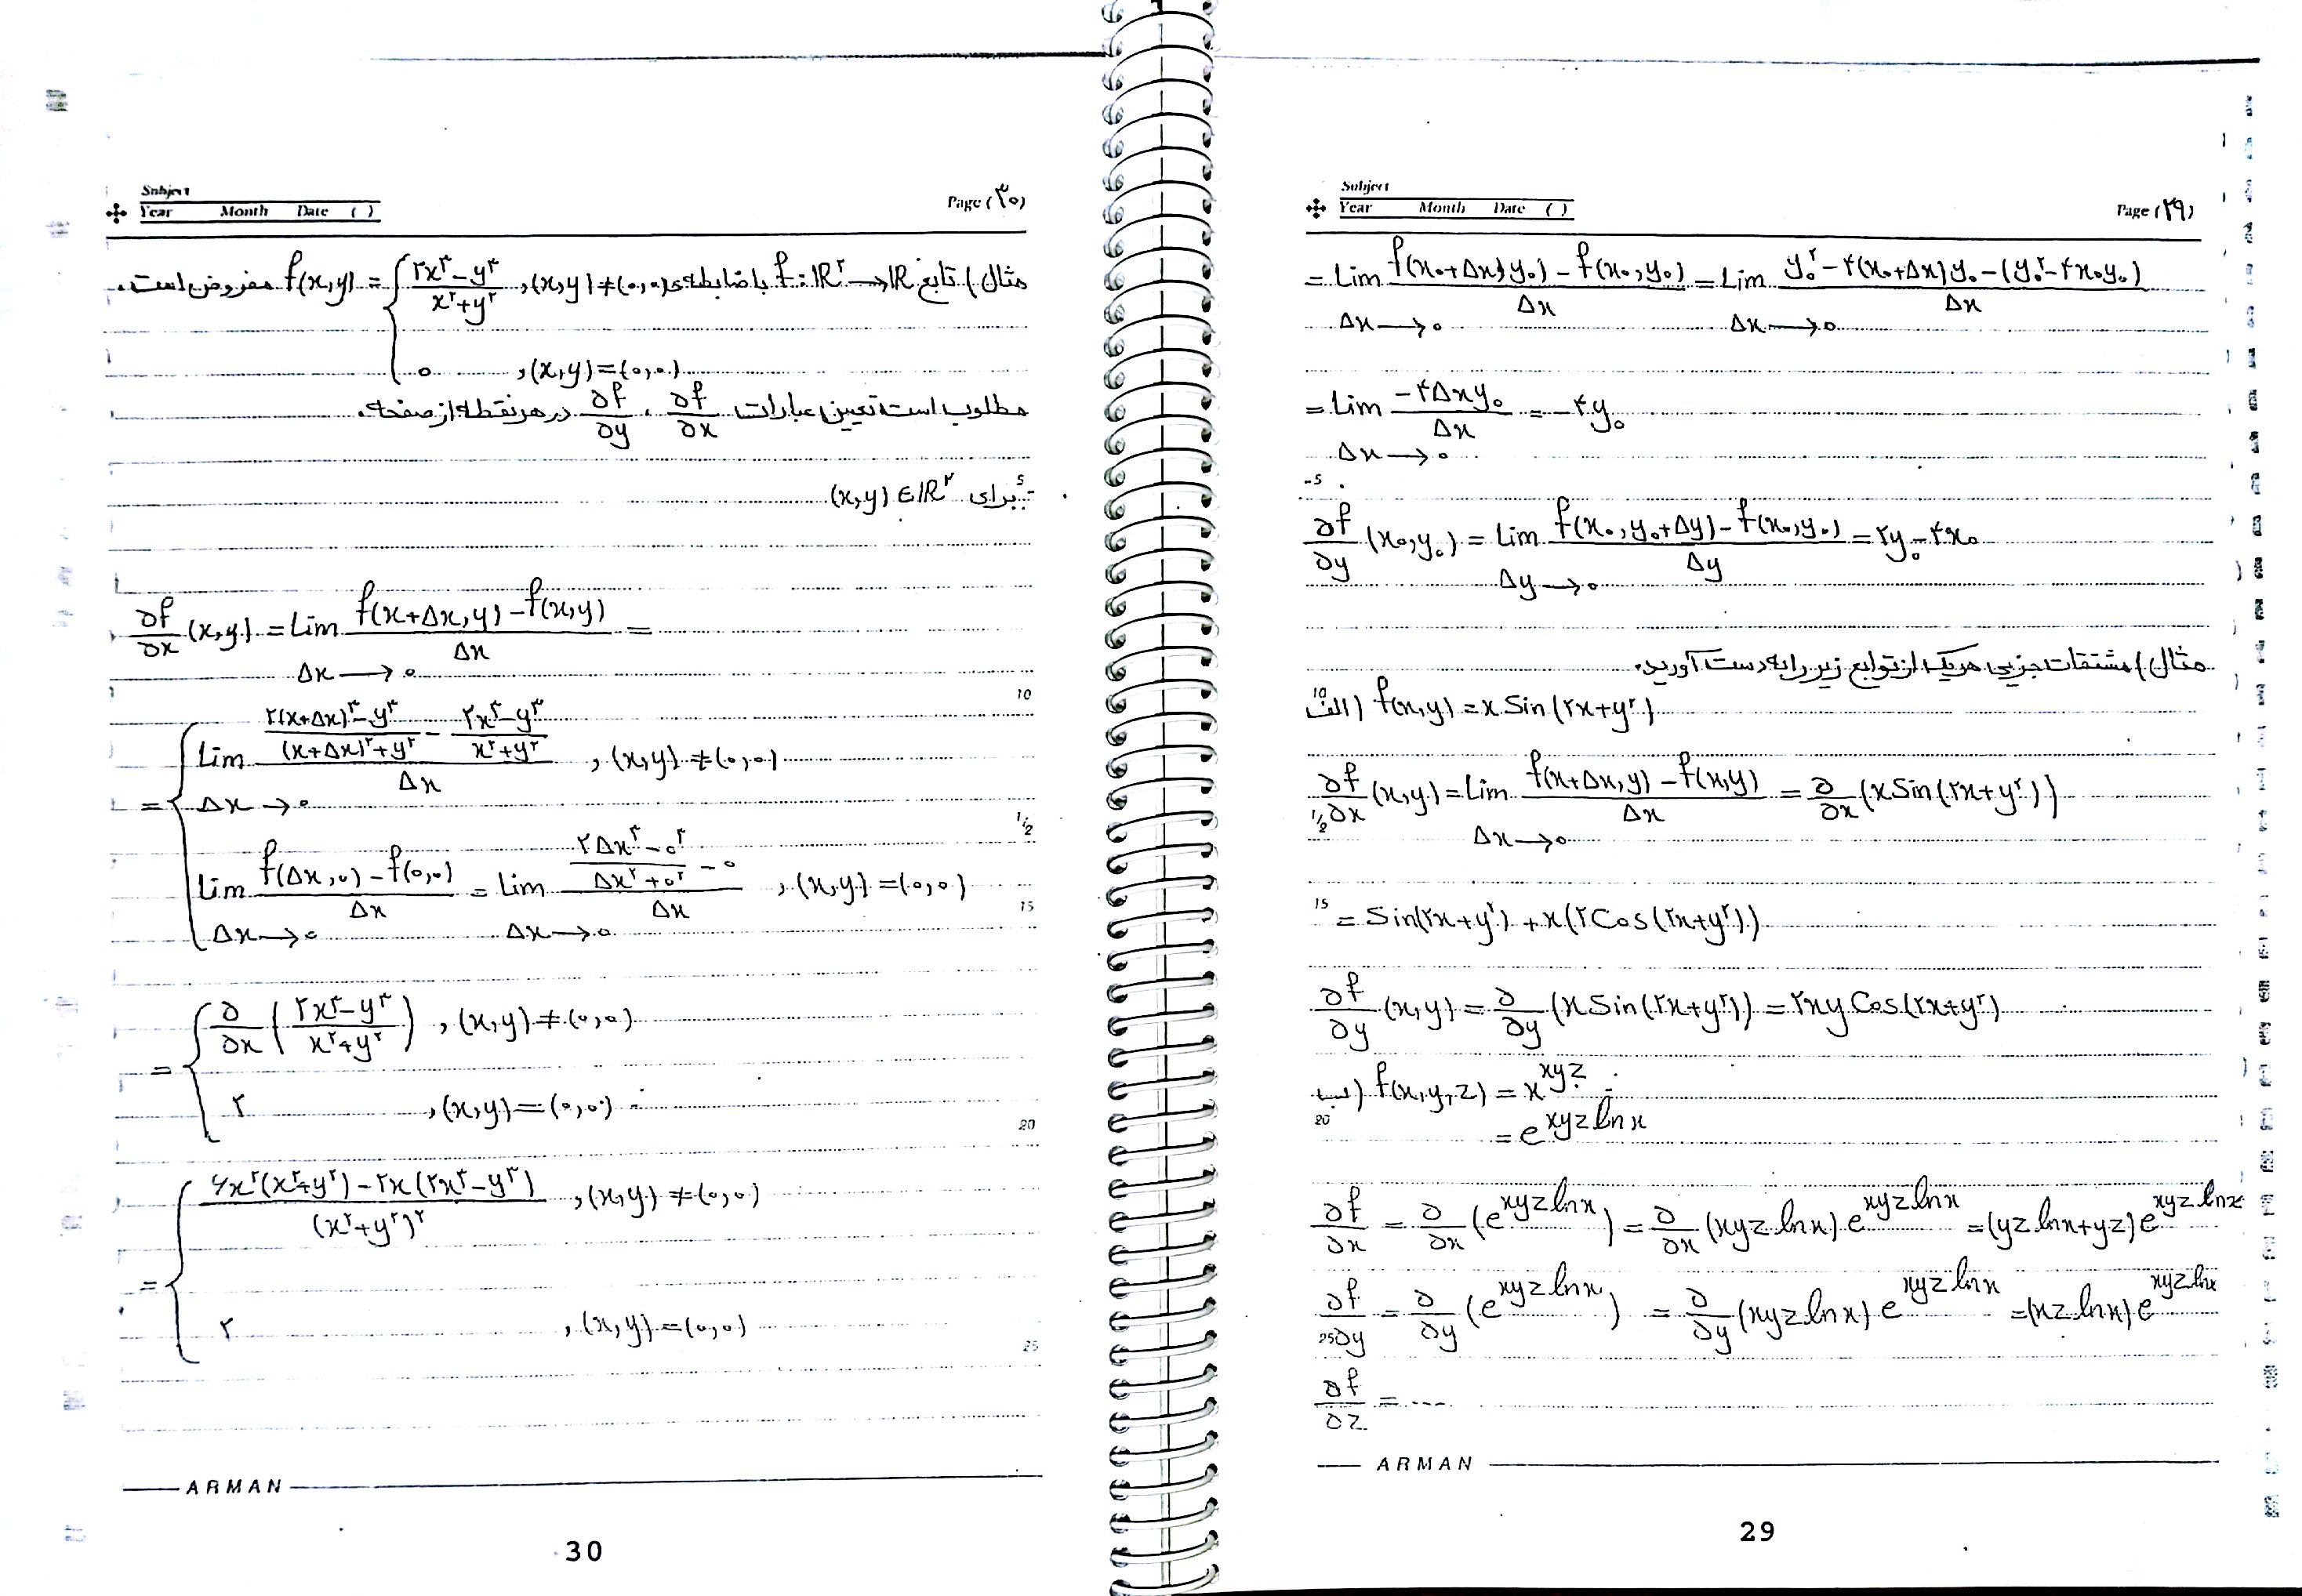 جزوه کامل ریاضی عمومی 2 دکتر بهرامی